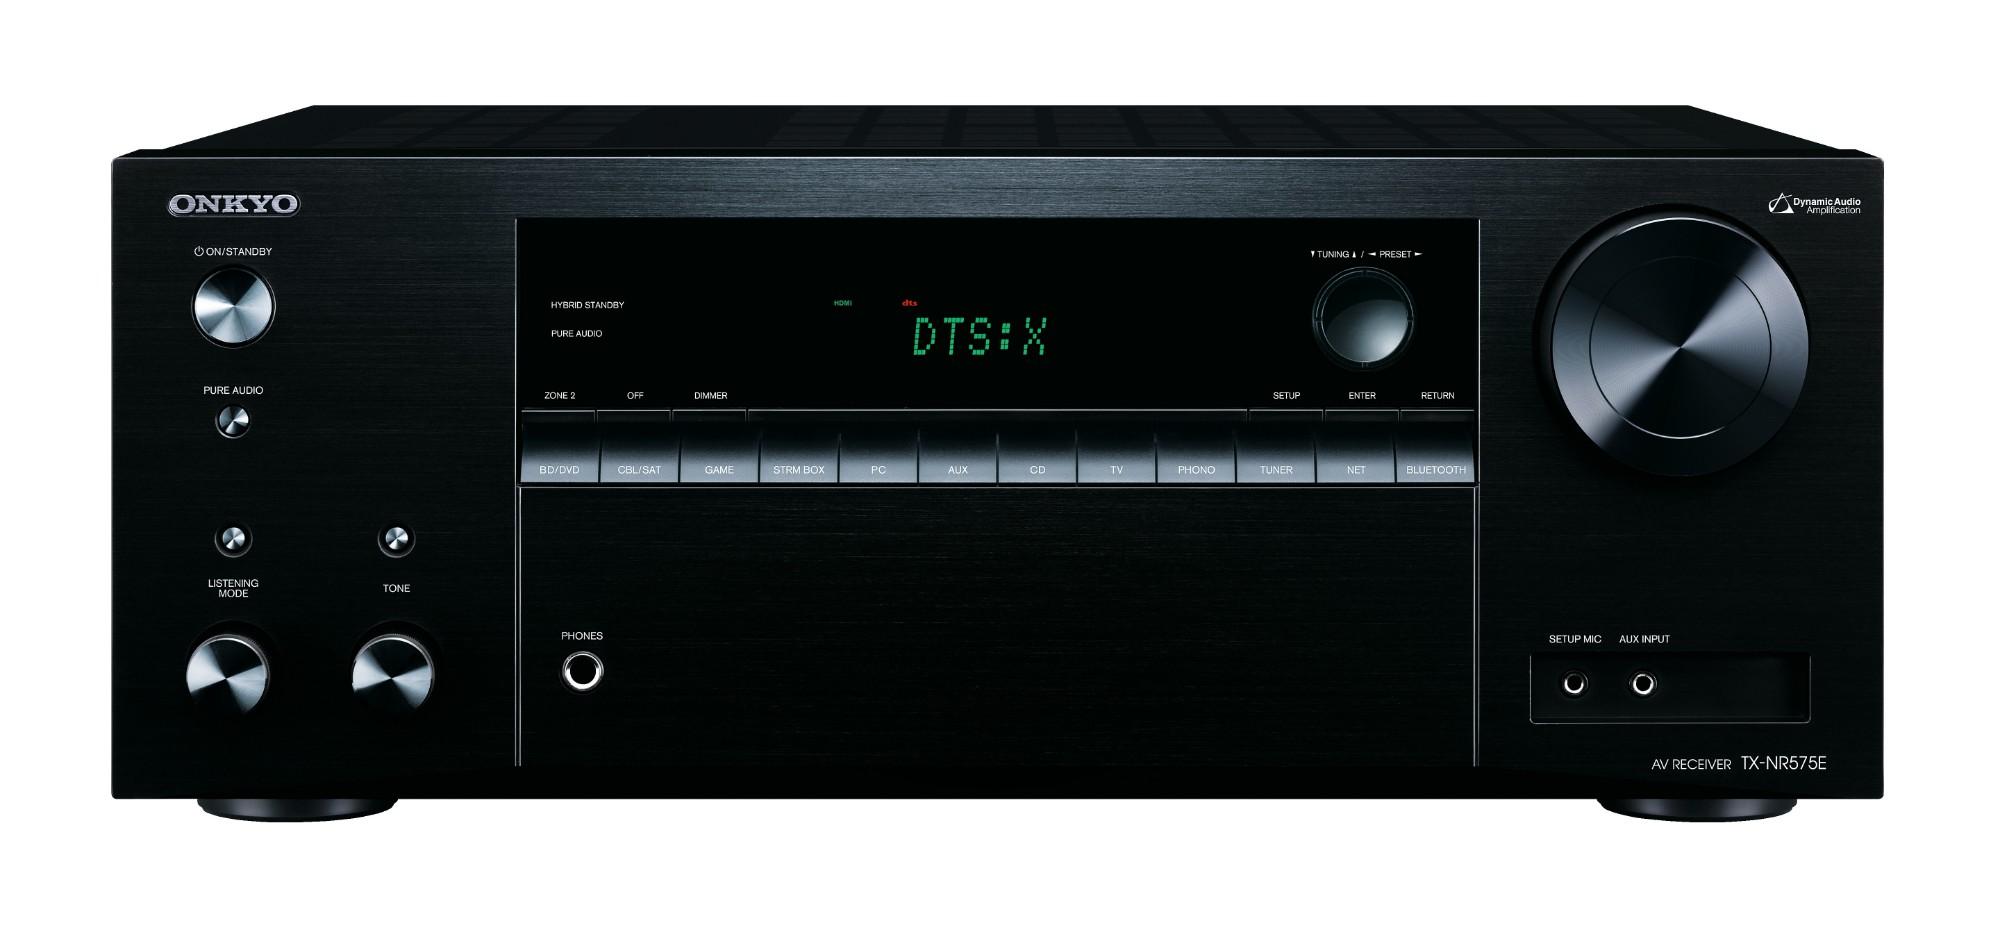 ONKYO TX-NR575E 135W 5.2channels Surround Black AV receiver